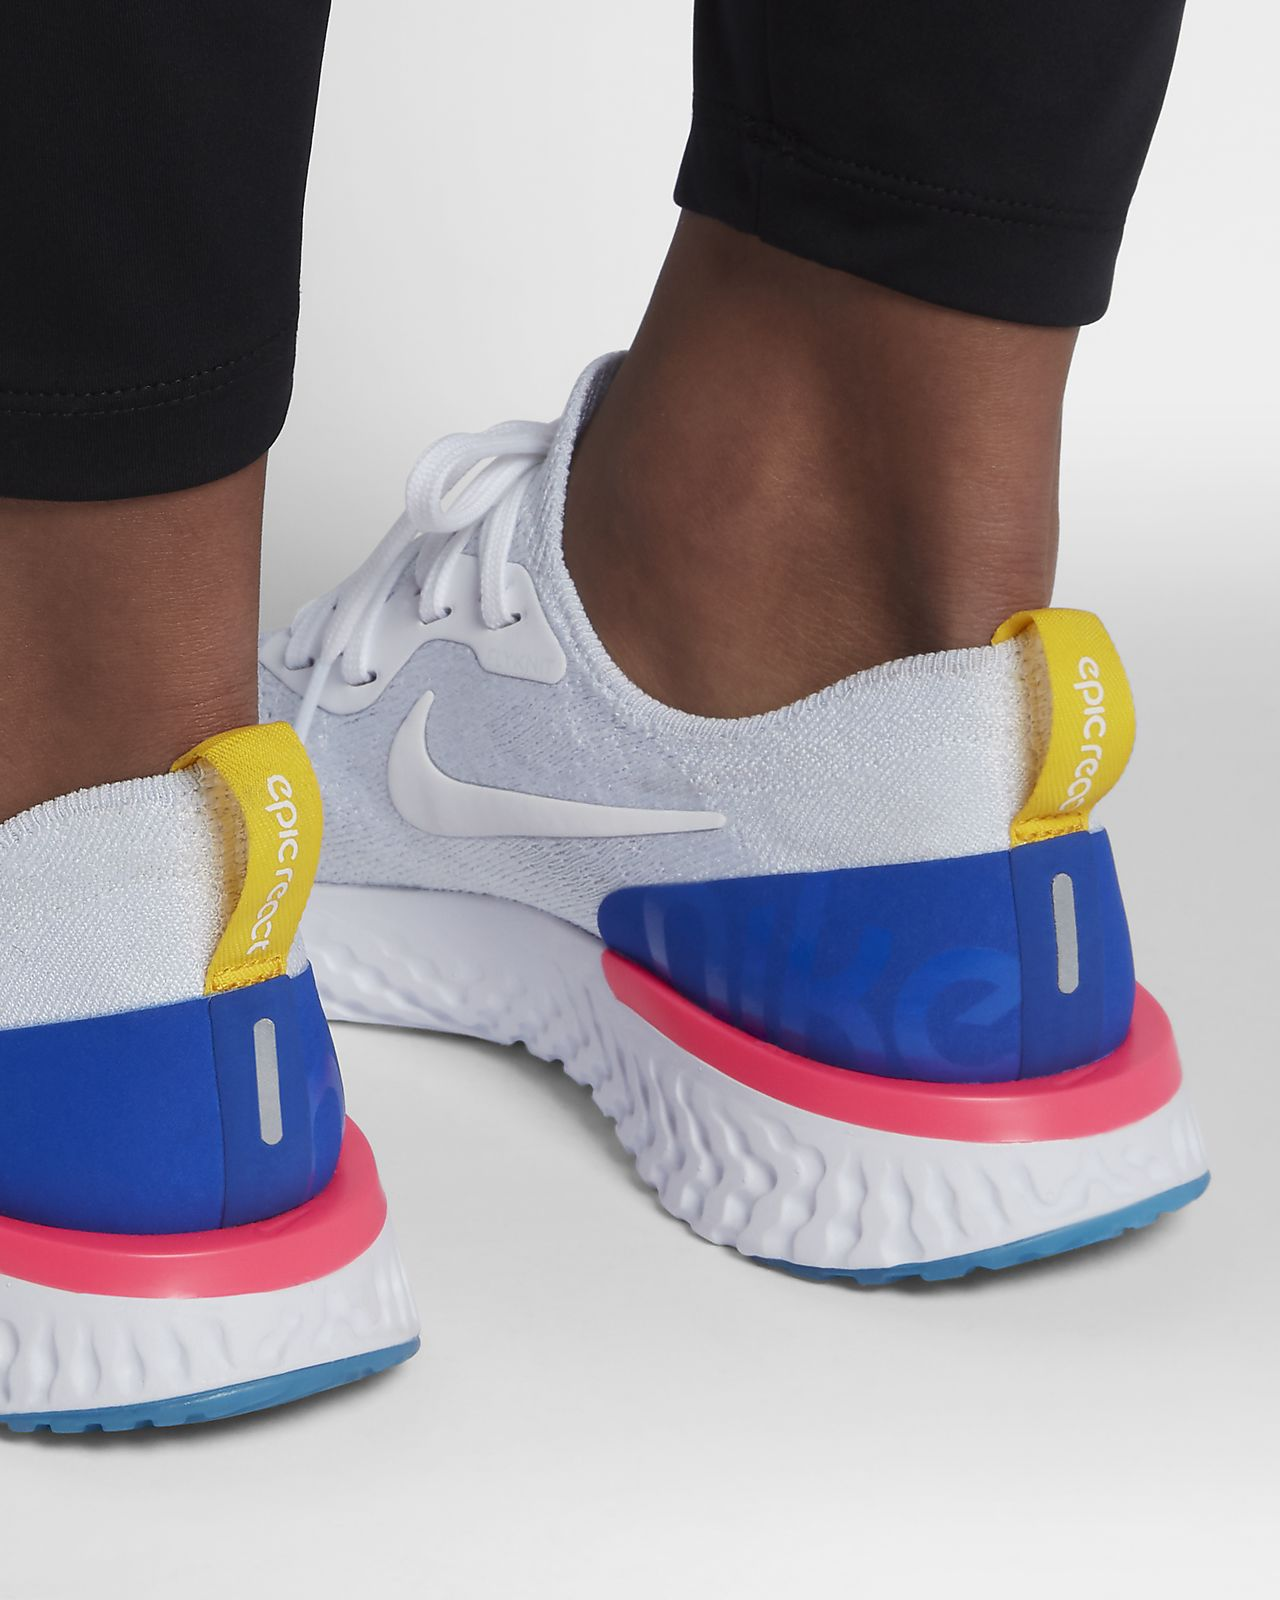 ... Nike Epic React Flyknit Damen-Laufschuh